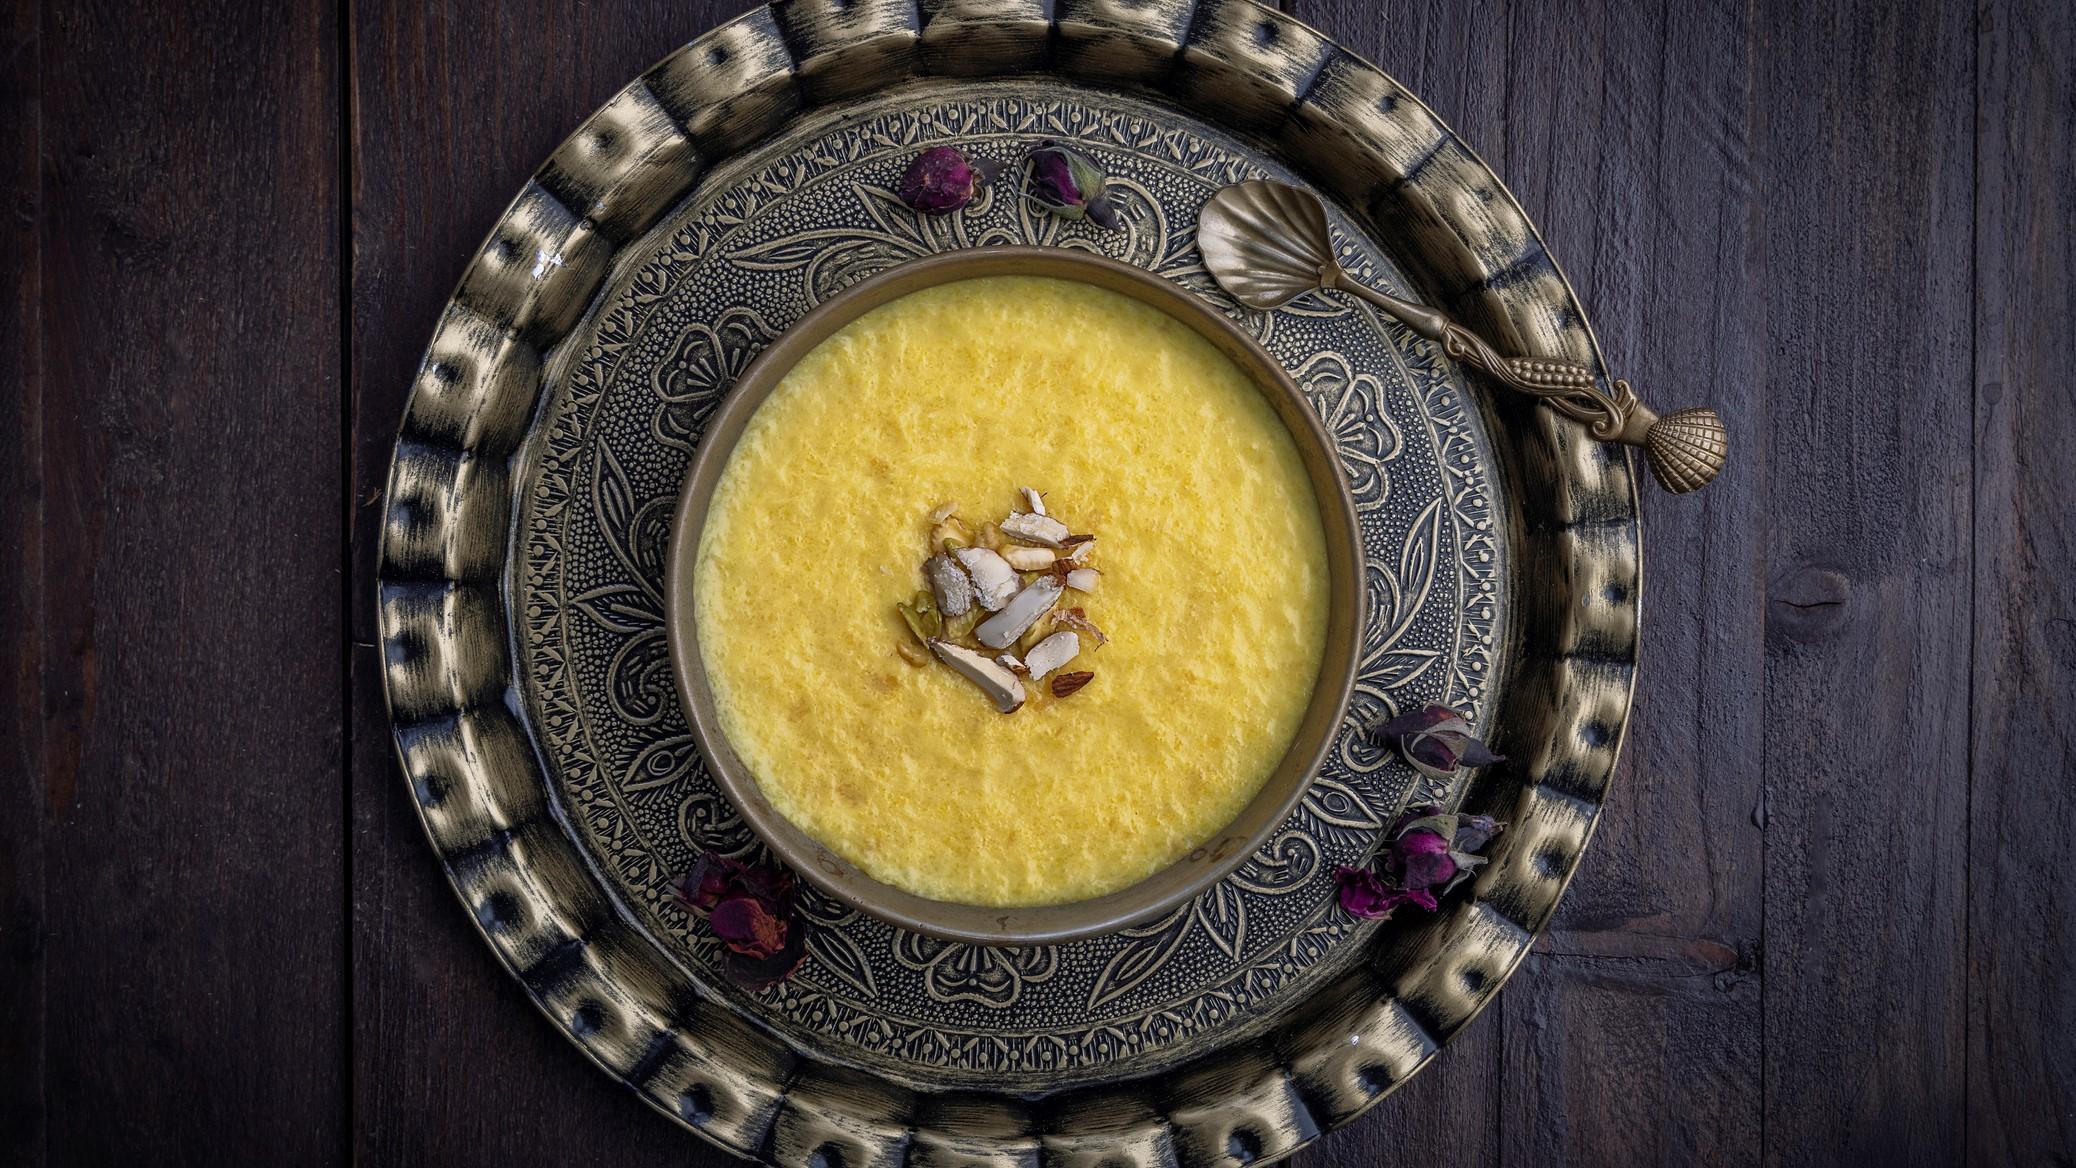 eine Schale mit persischem Reispudding, die auf einem verzierten Blechtablett steht, in der Draufsicht.